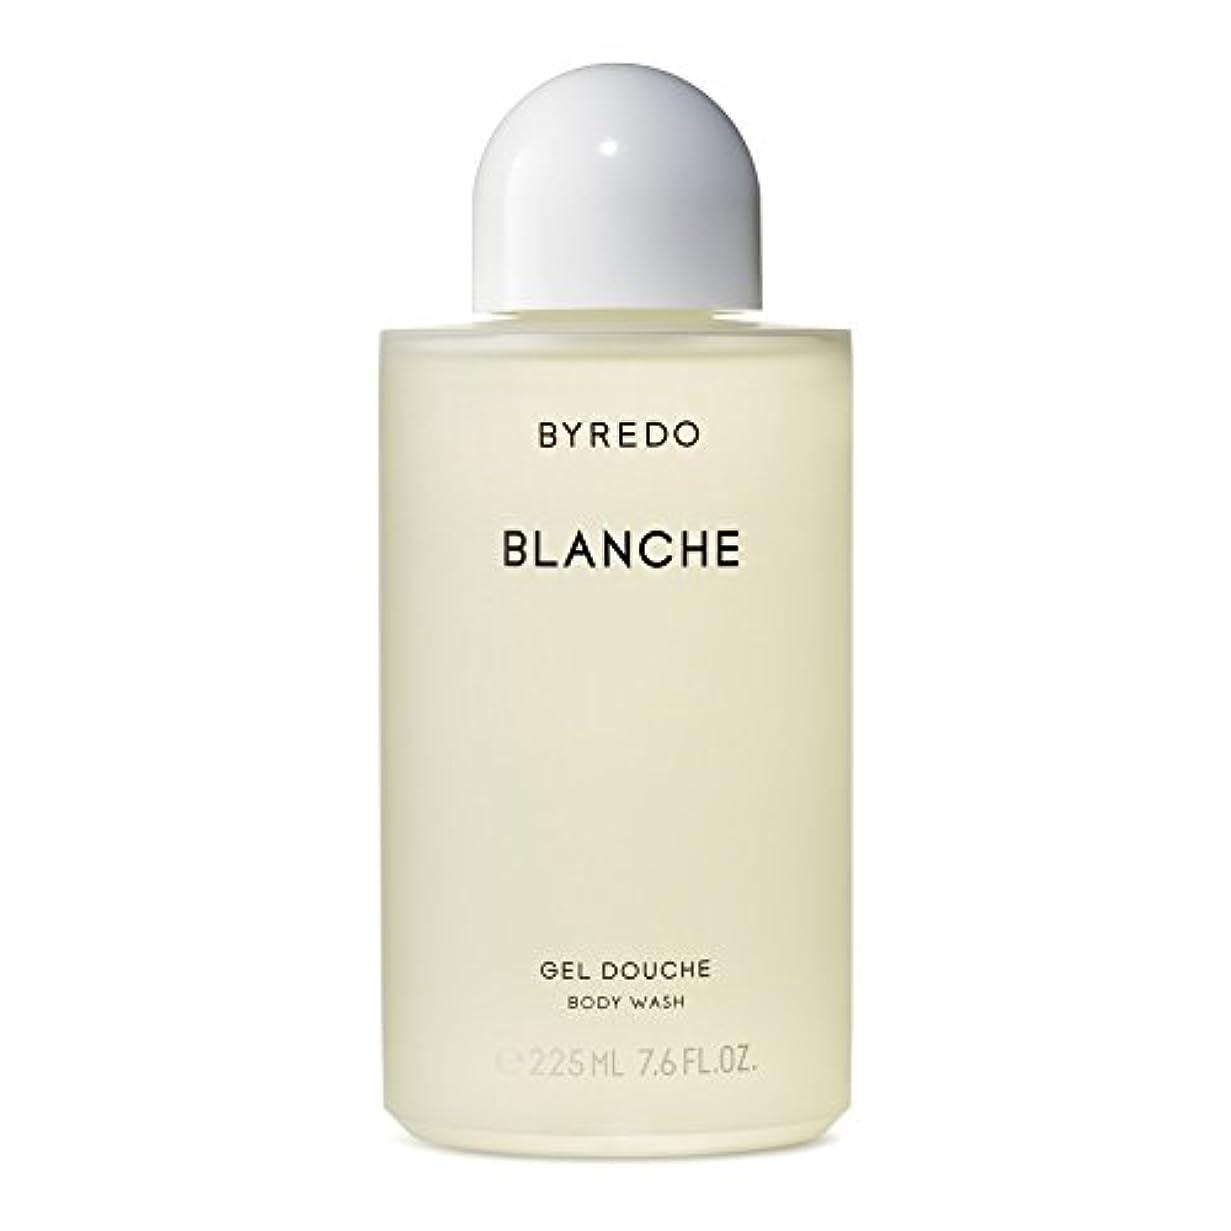 薄暗い話をする割り当てますByredo Blanche Body Wash 225ml - ブランシュボディウォッシュ225ミリリットル [並行輸入品]